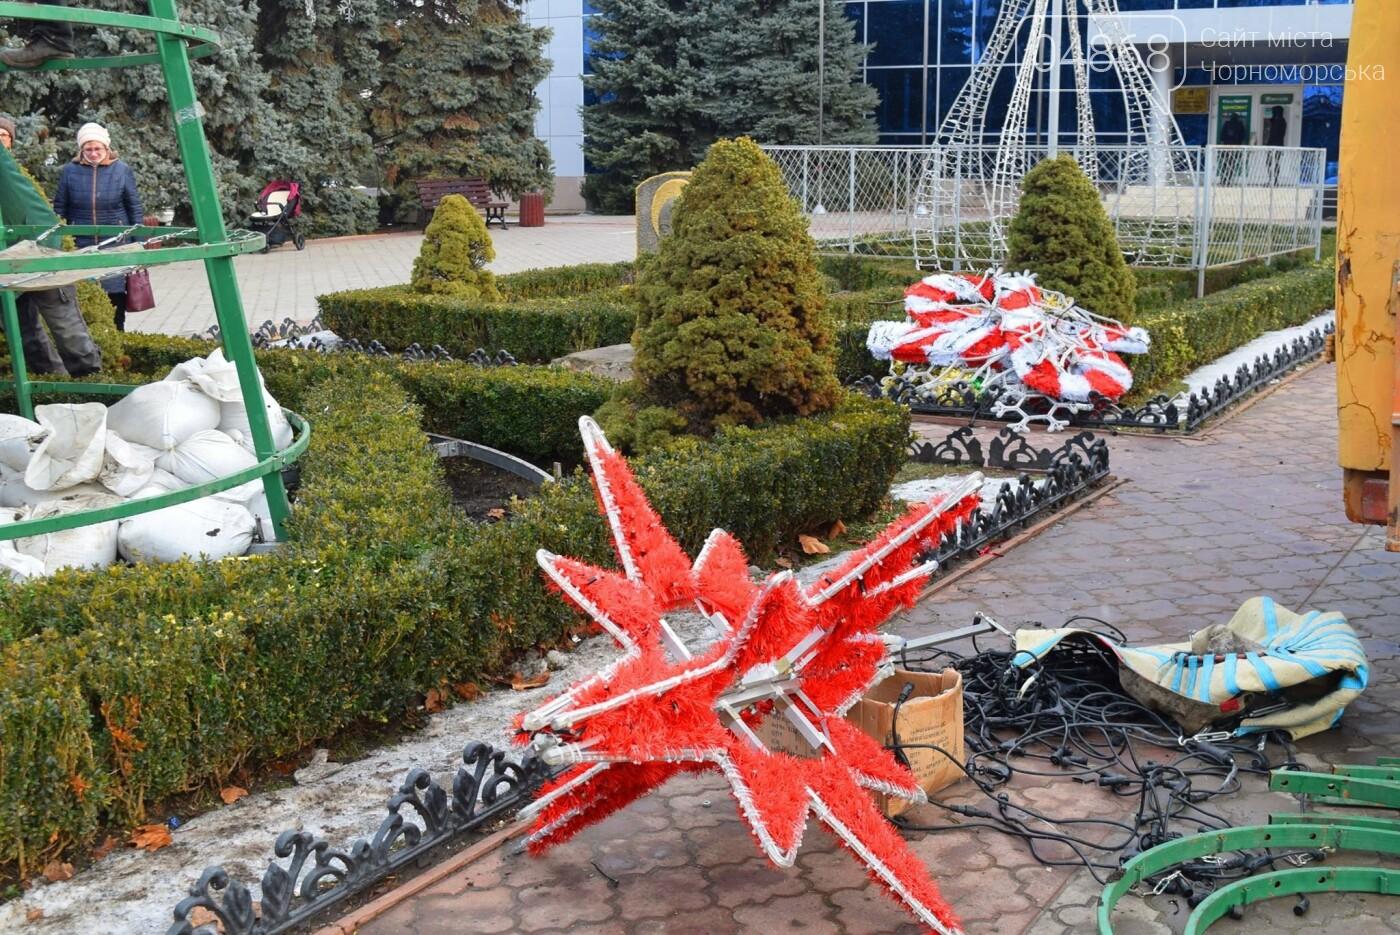 Немного грустно, но неизбежно: в Черноморске разбирают новогодние ёлки, фото-3